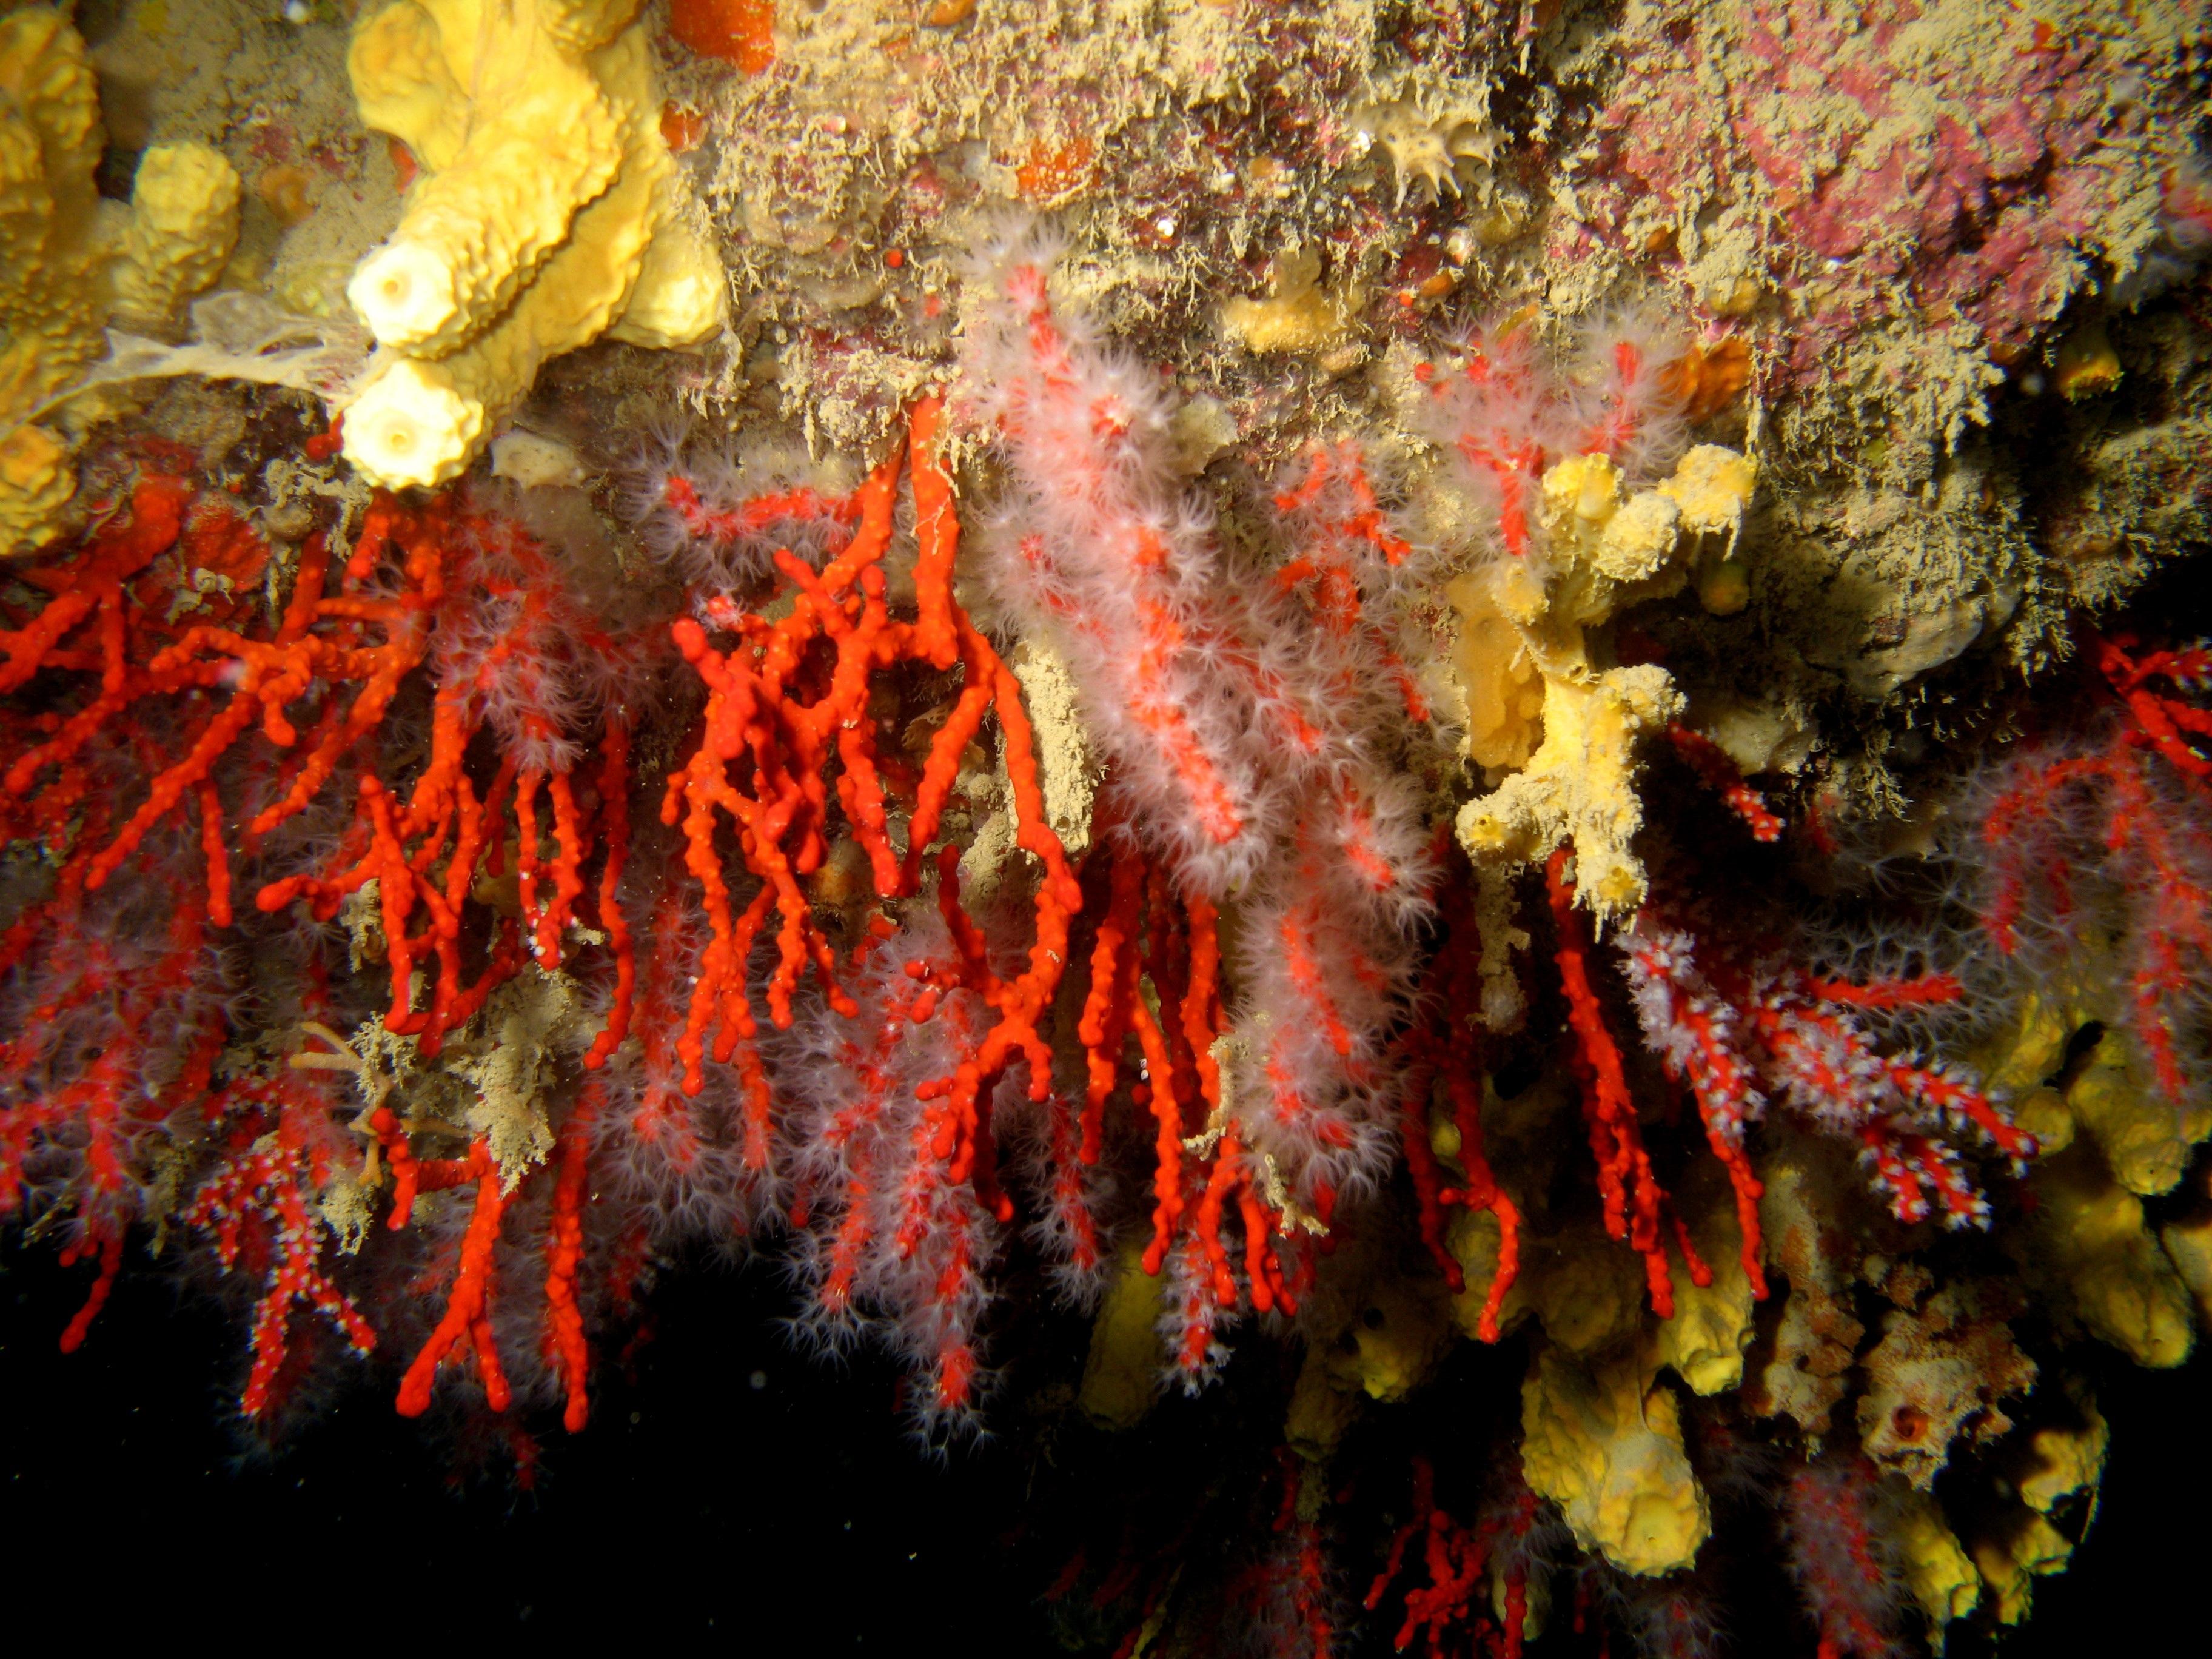 Immagini belle mare acqua foglia fiore formazione for Immagini coralli marini